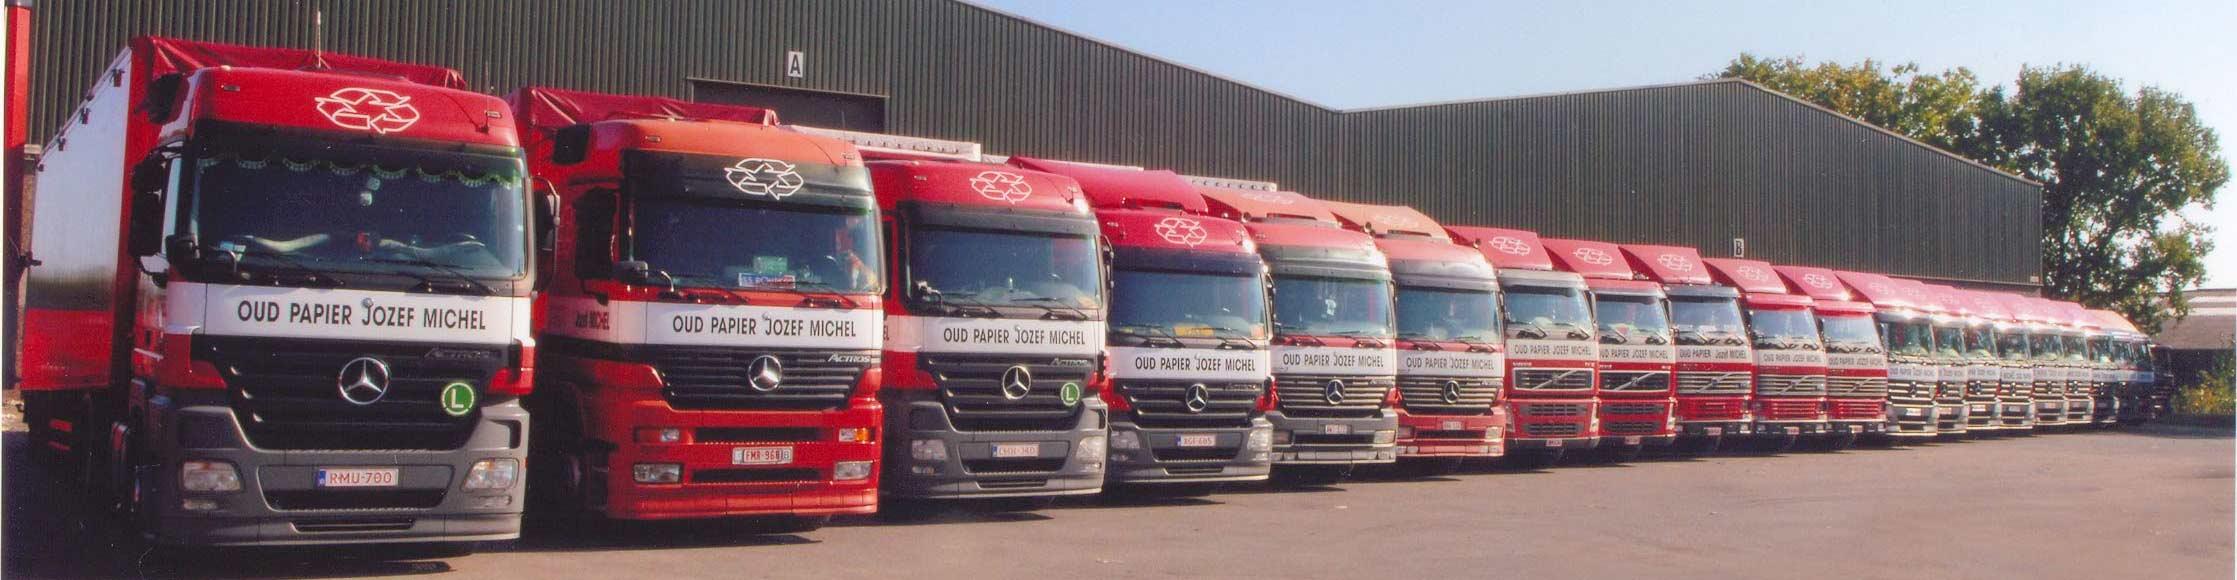 OPJM vloot van vrachtwagens